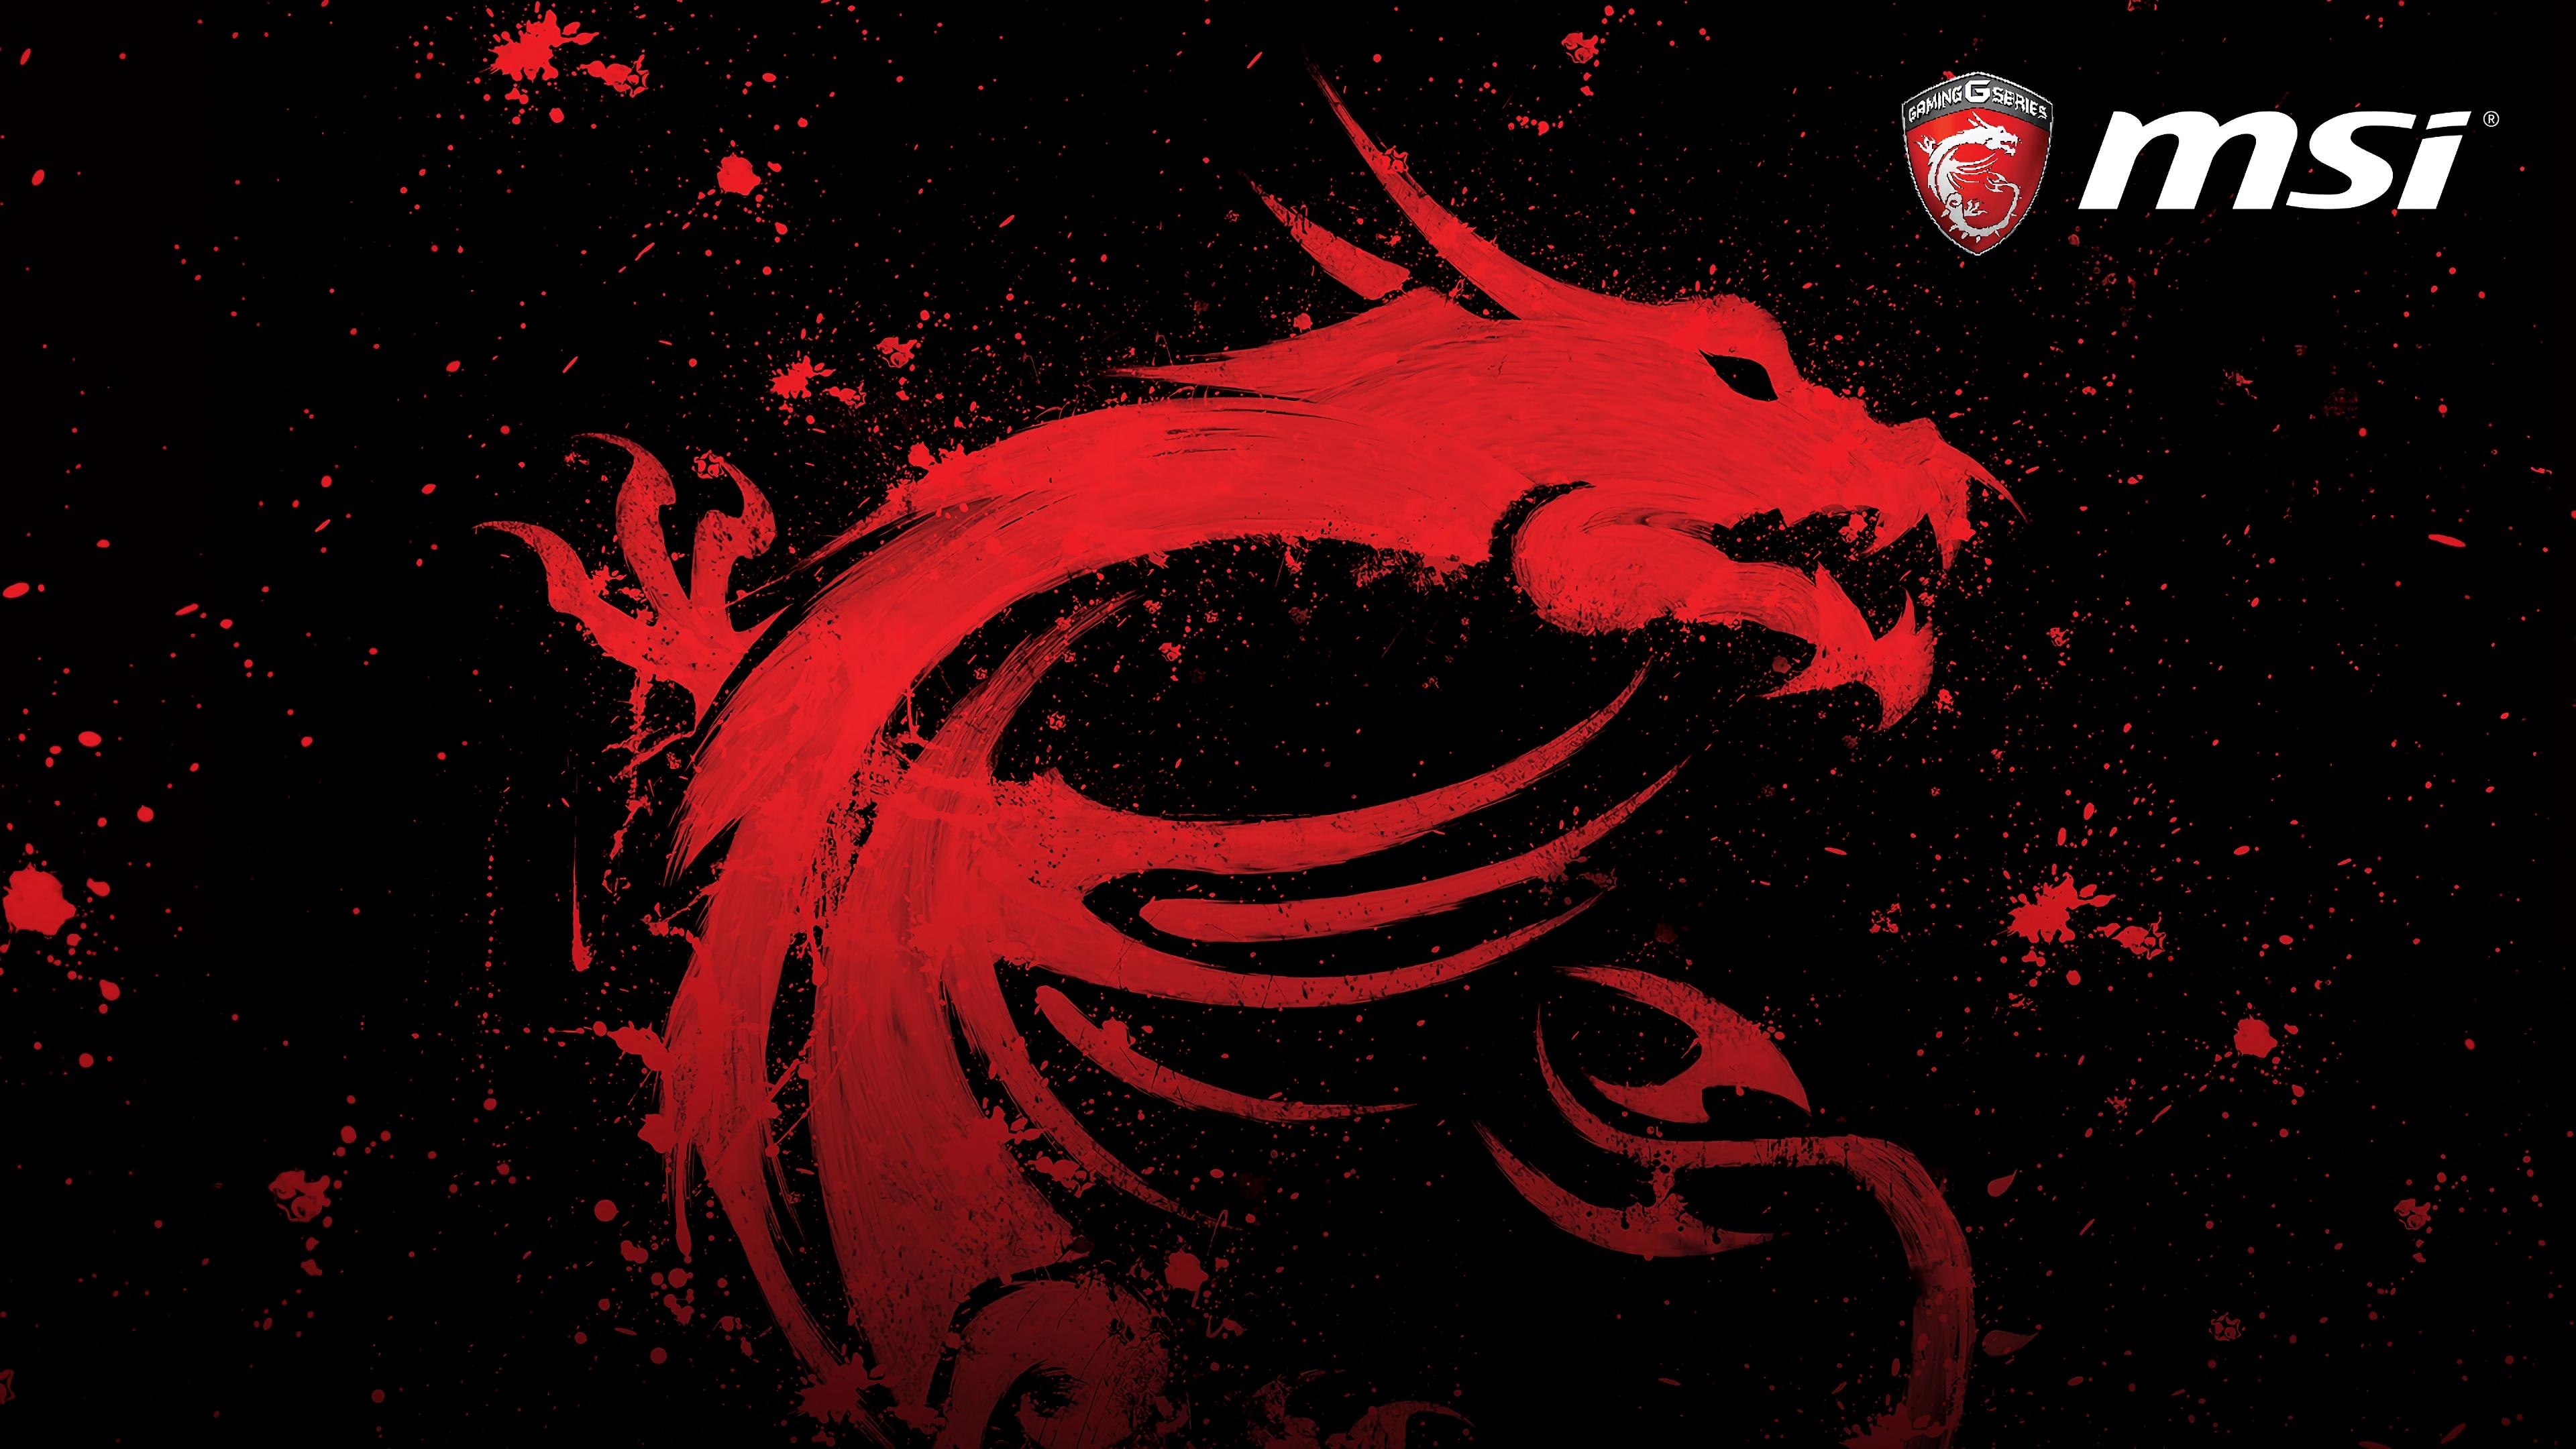 Ảnh nền rồng đỏ MSI